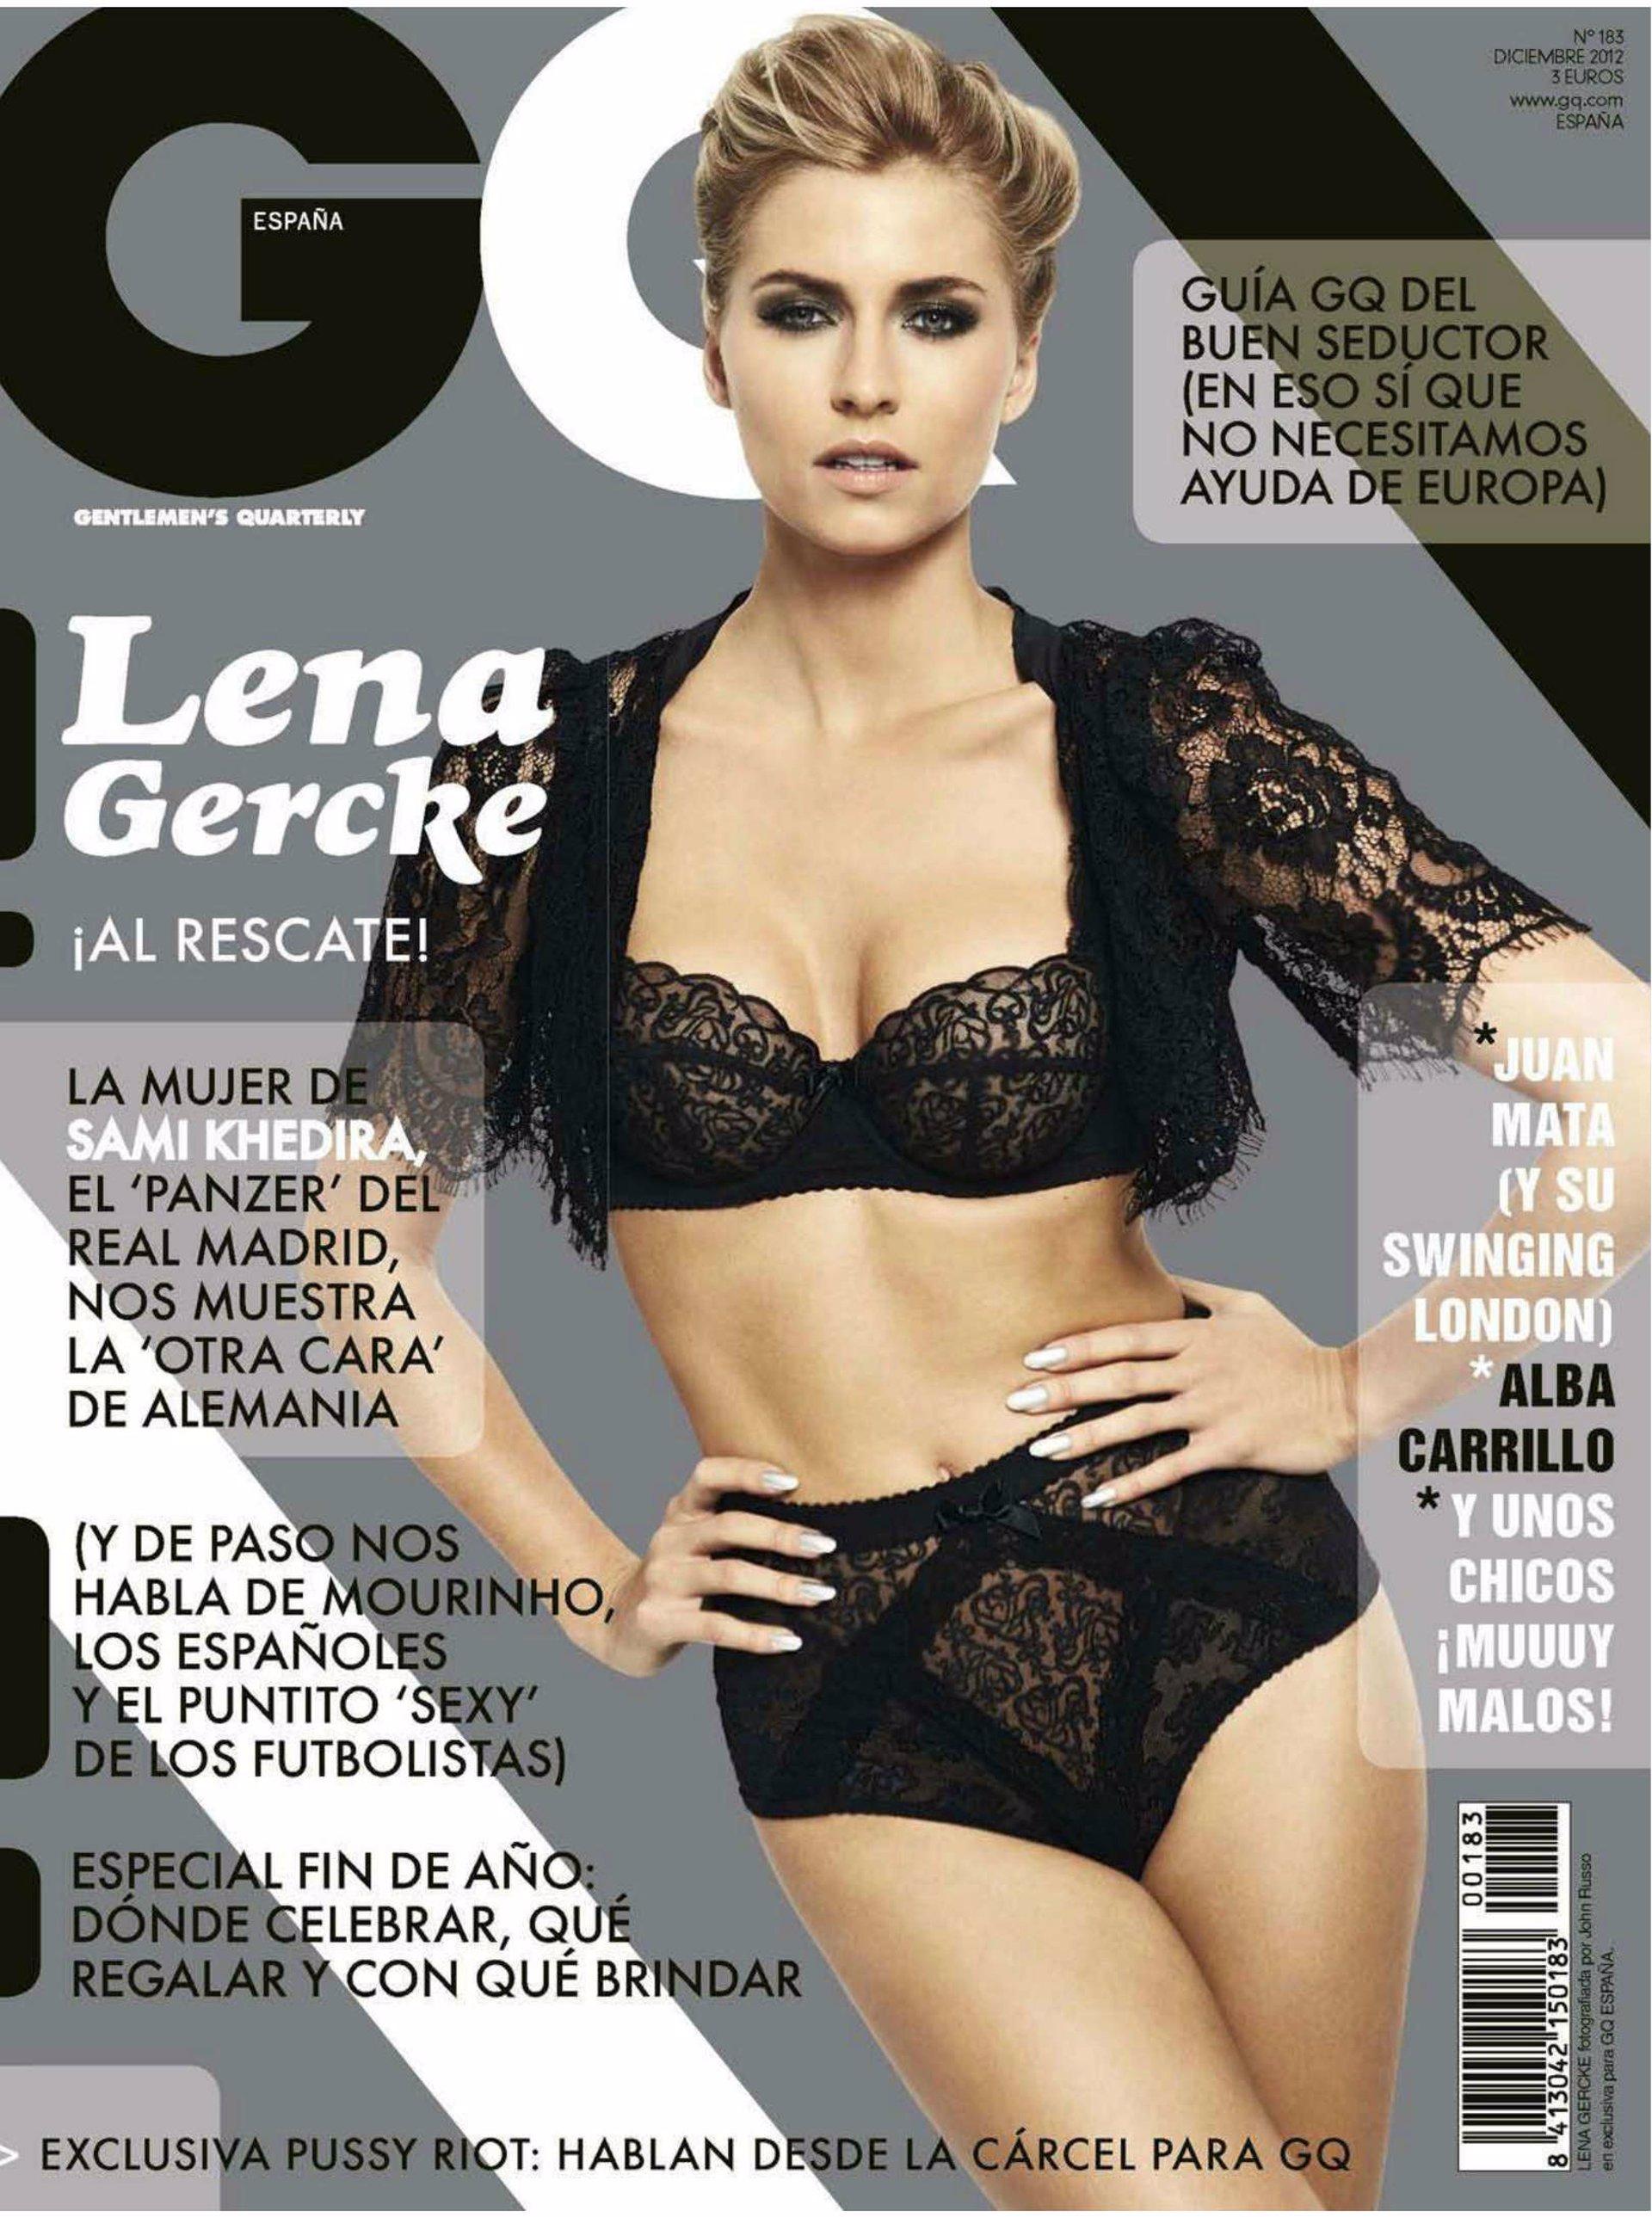 Lena gercke cosmopolitan cover shoot 2006 - 3 part 6